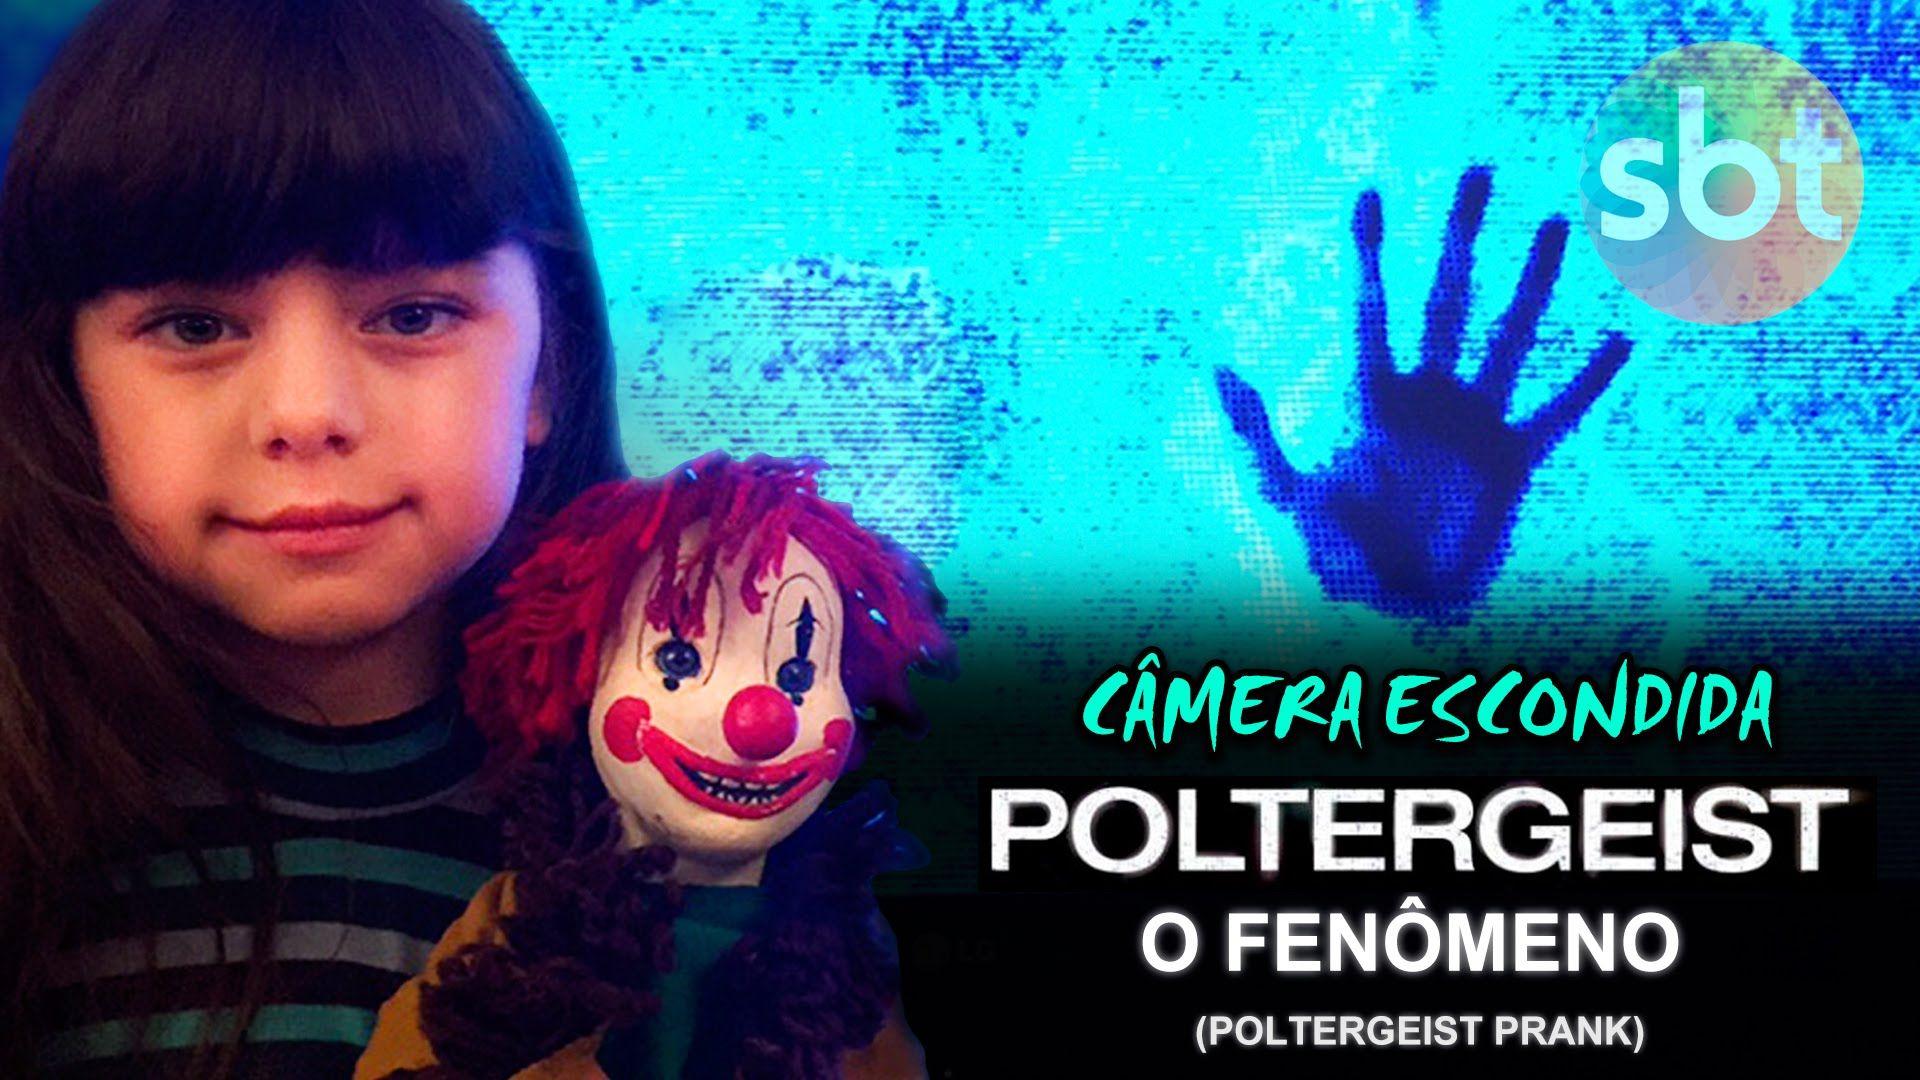 Poltergeist O Fenomeno Poltergeist Prank Pegadinha Camera